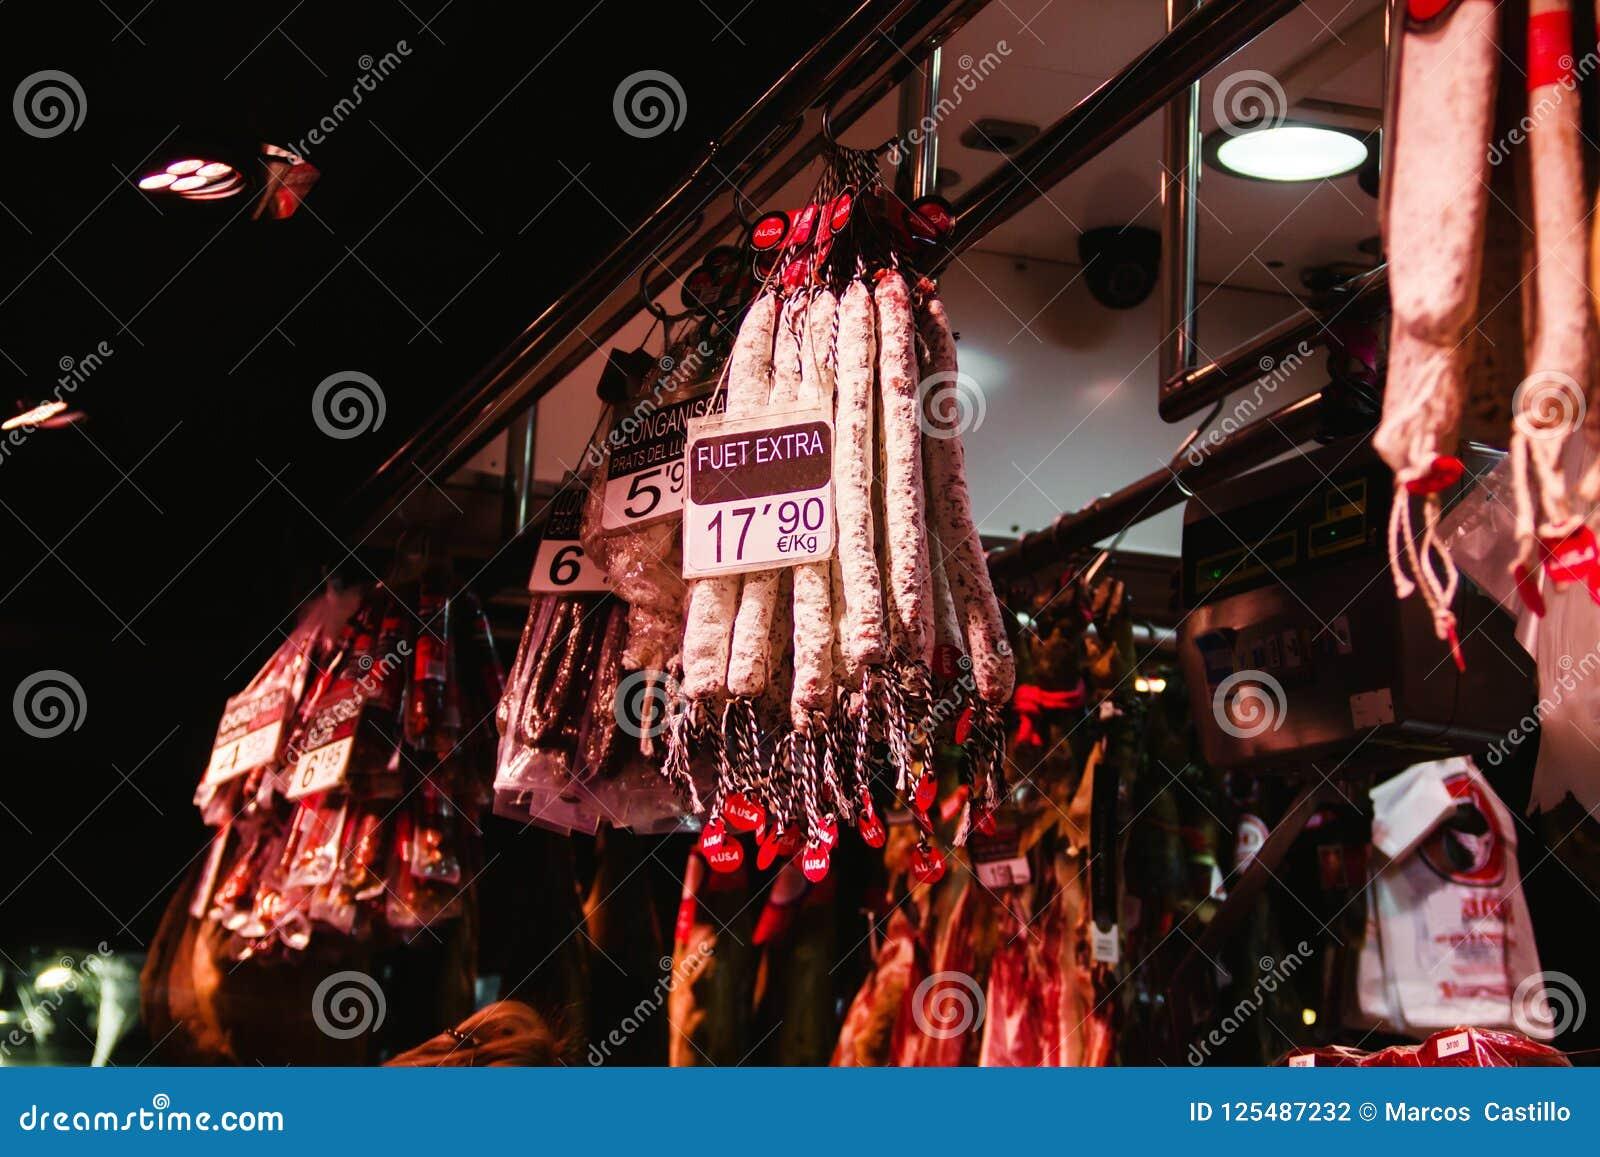 Fuet sausages in La Boqueria market in barcelona spain